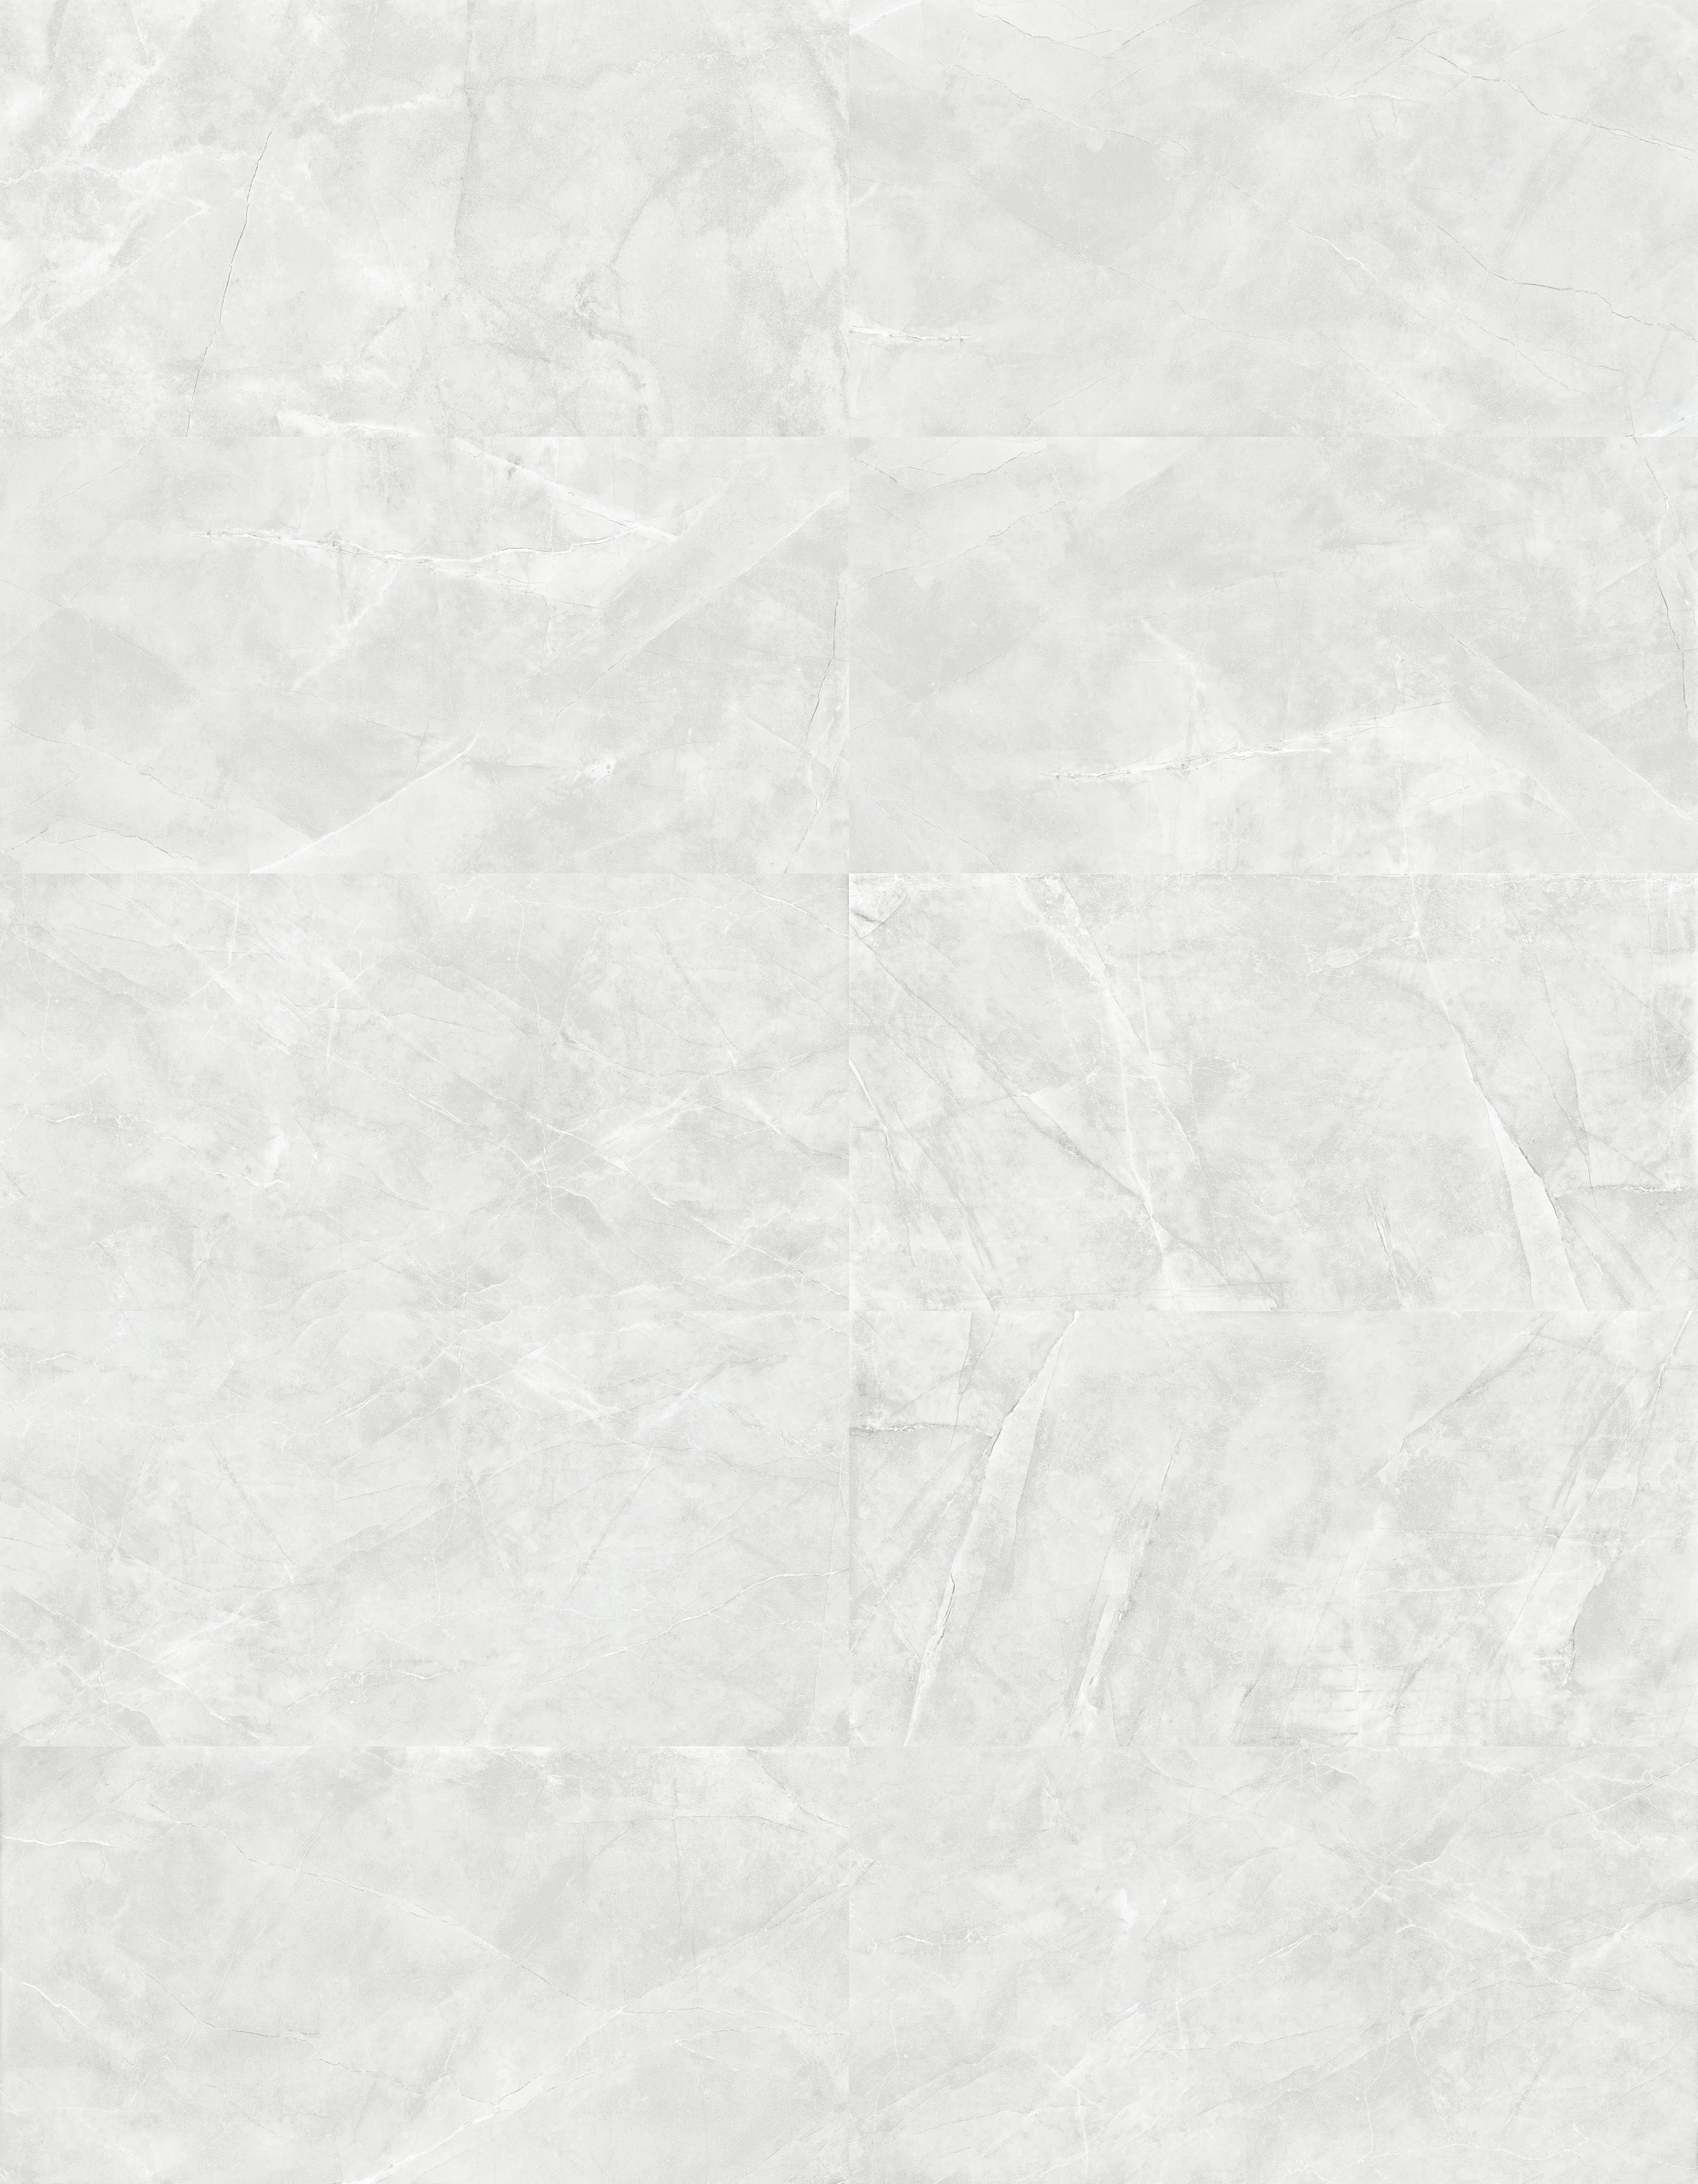 Polished Glazed Tiles